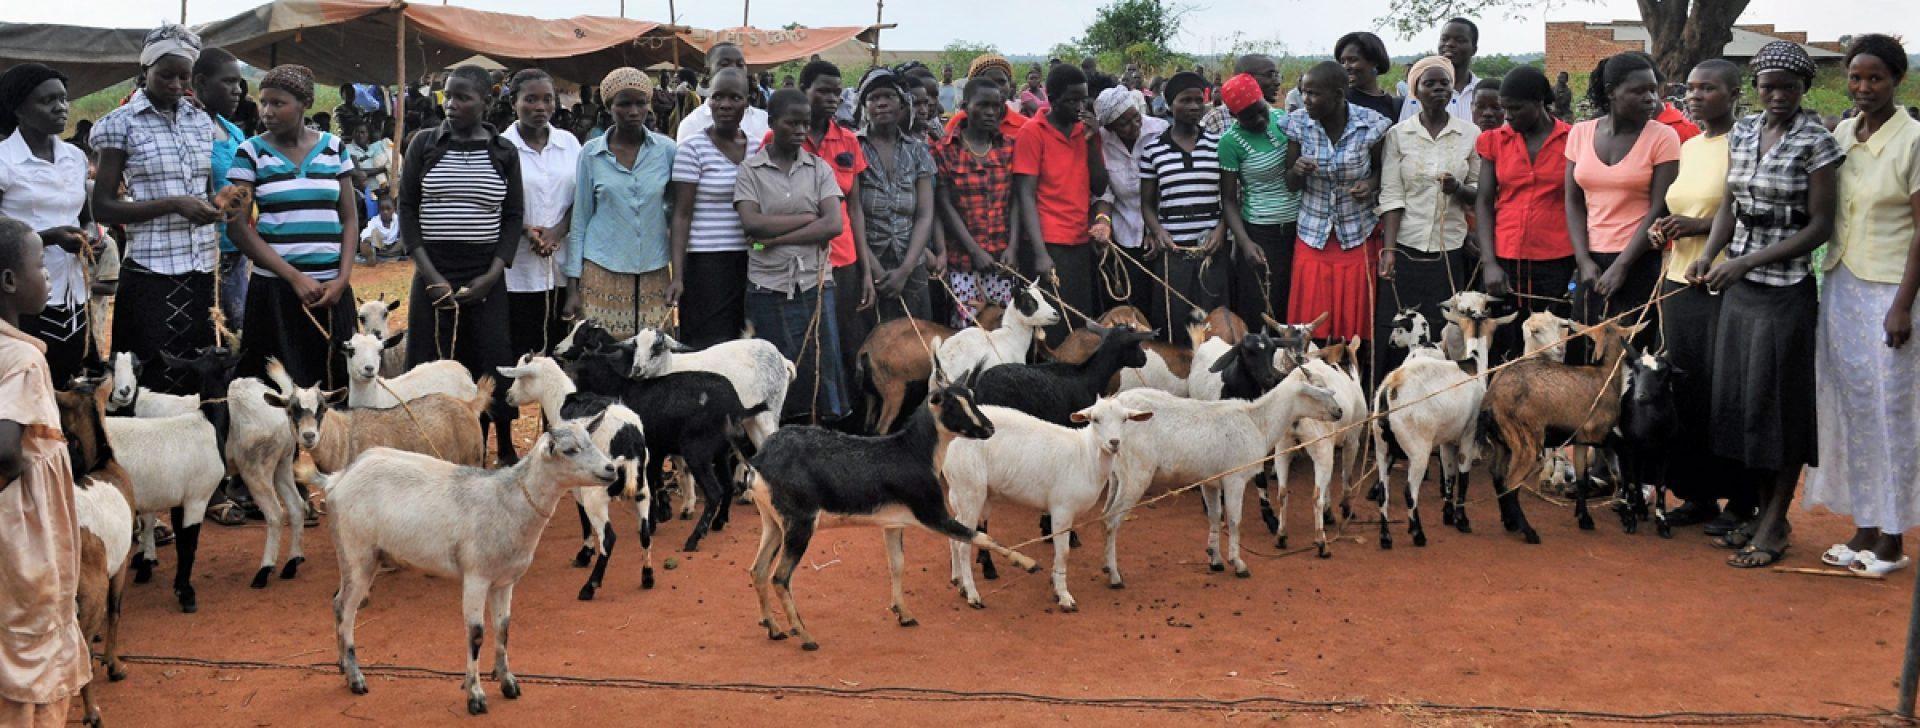 Tienermoeders in Oeganda krijgen een geit.